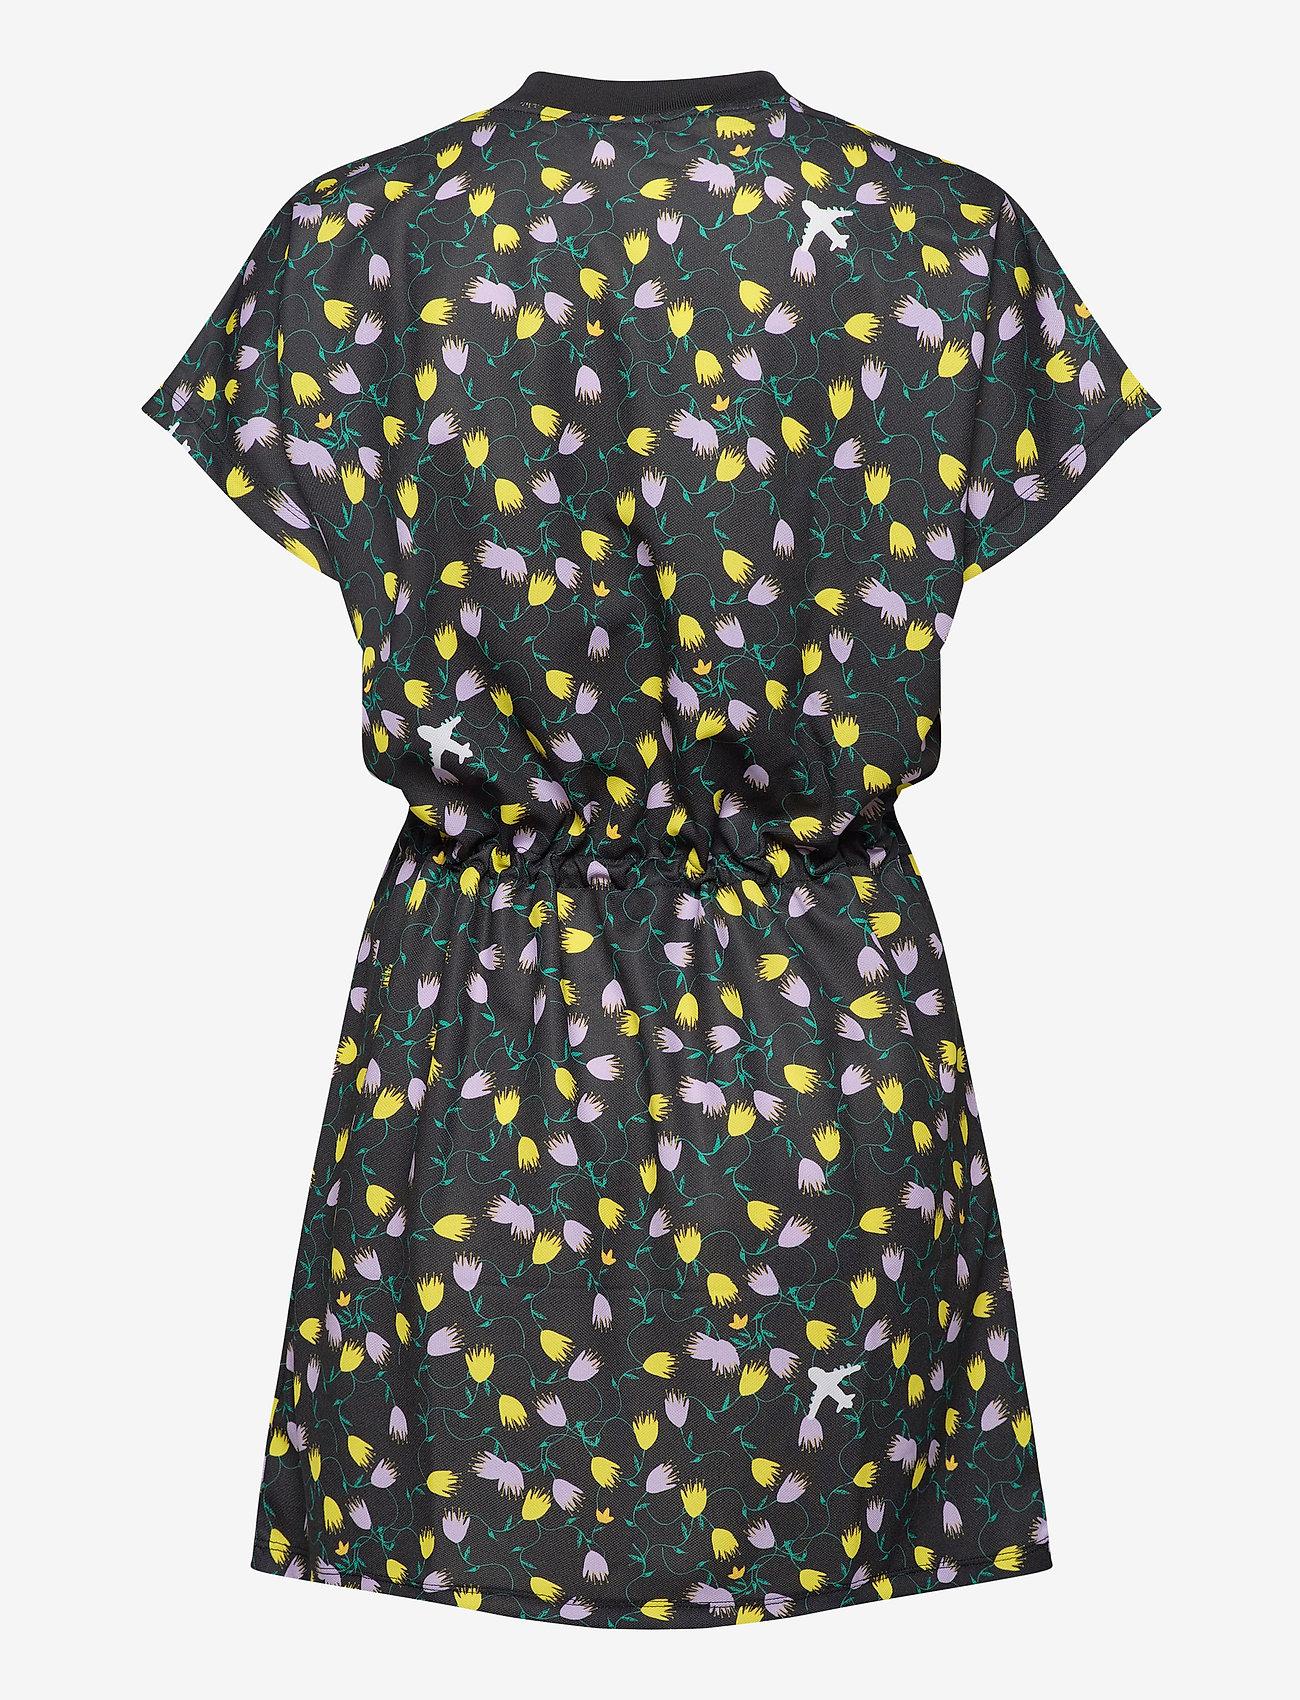 Aop Tee Dress   - adidas Originals -  Women's Dresses High Quality